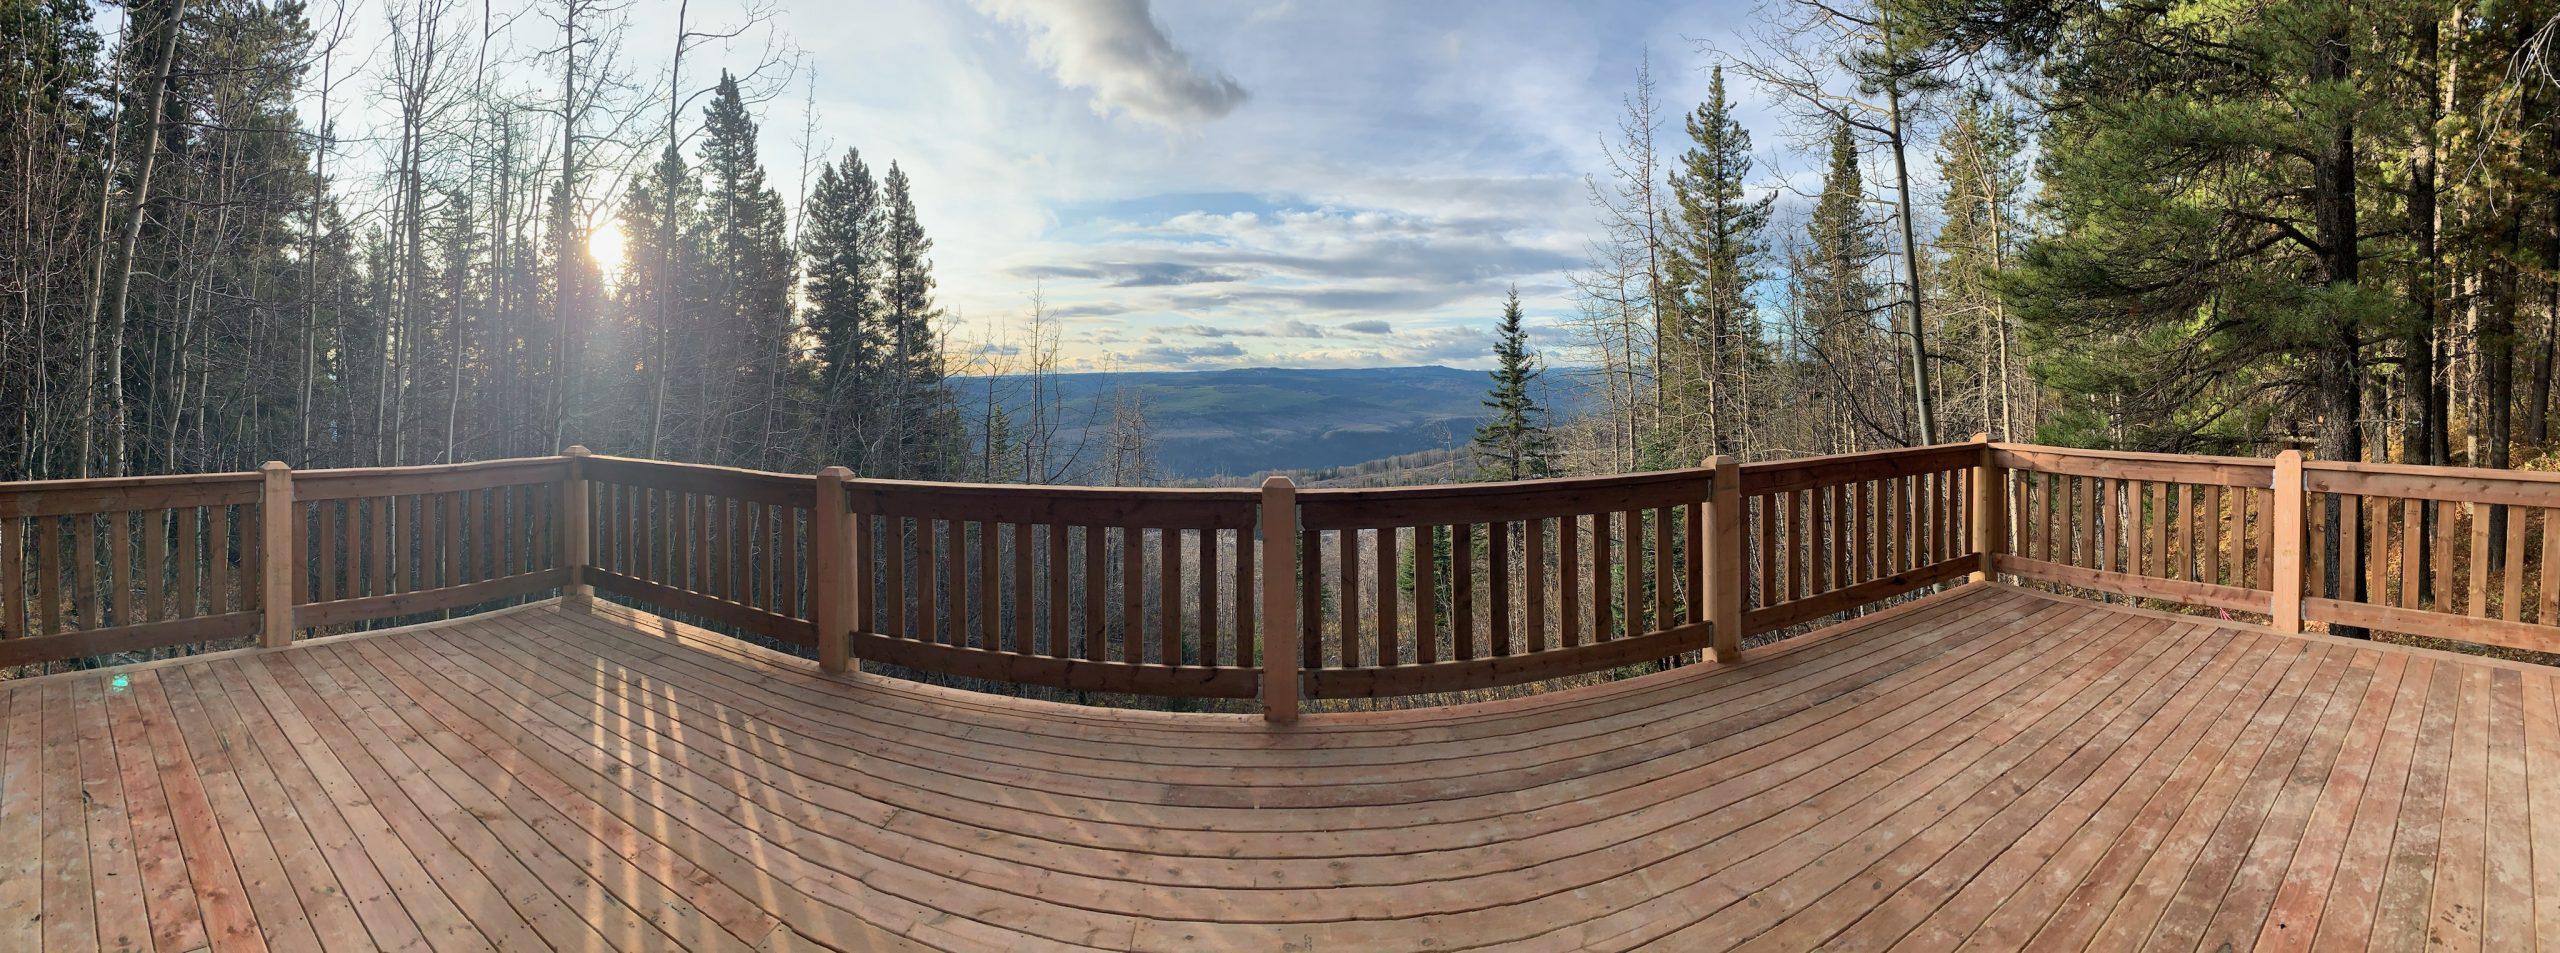 Southview Provincial Recreation Area viewing platform